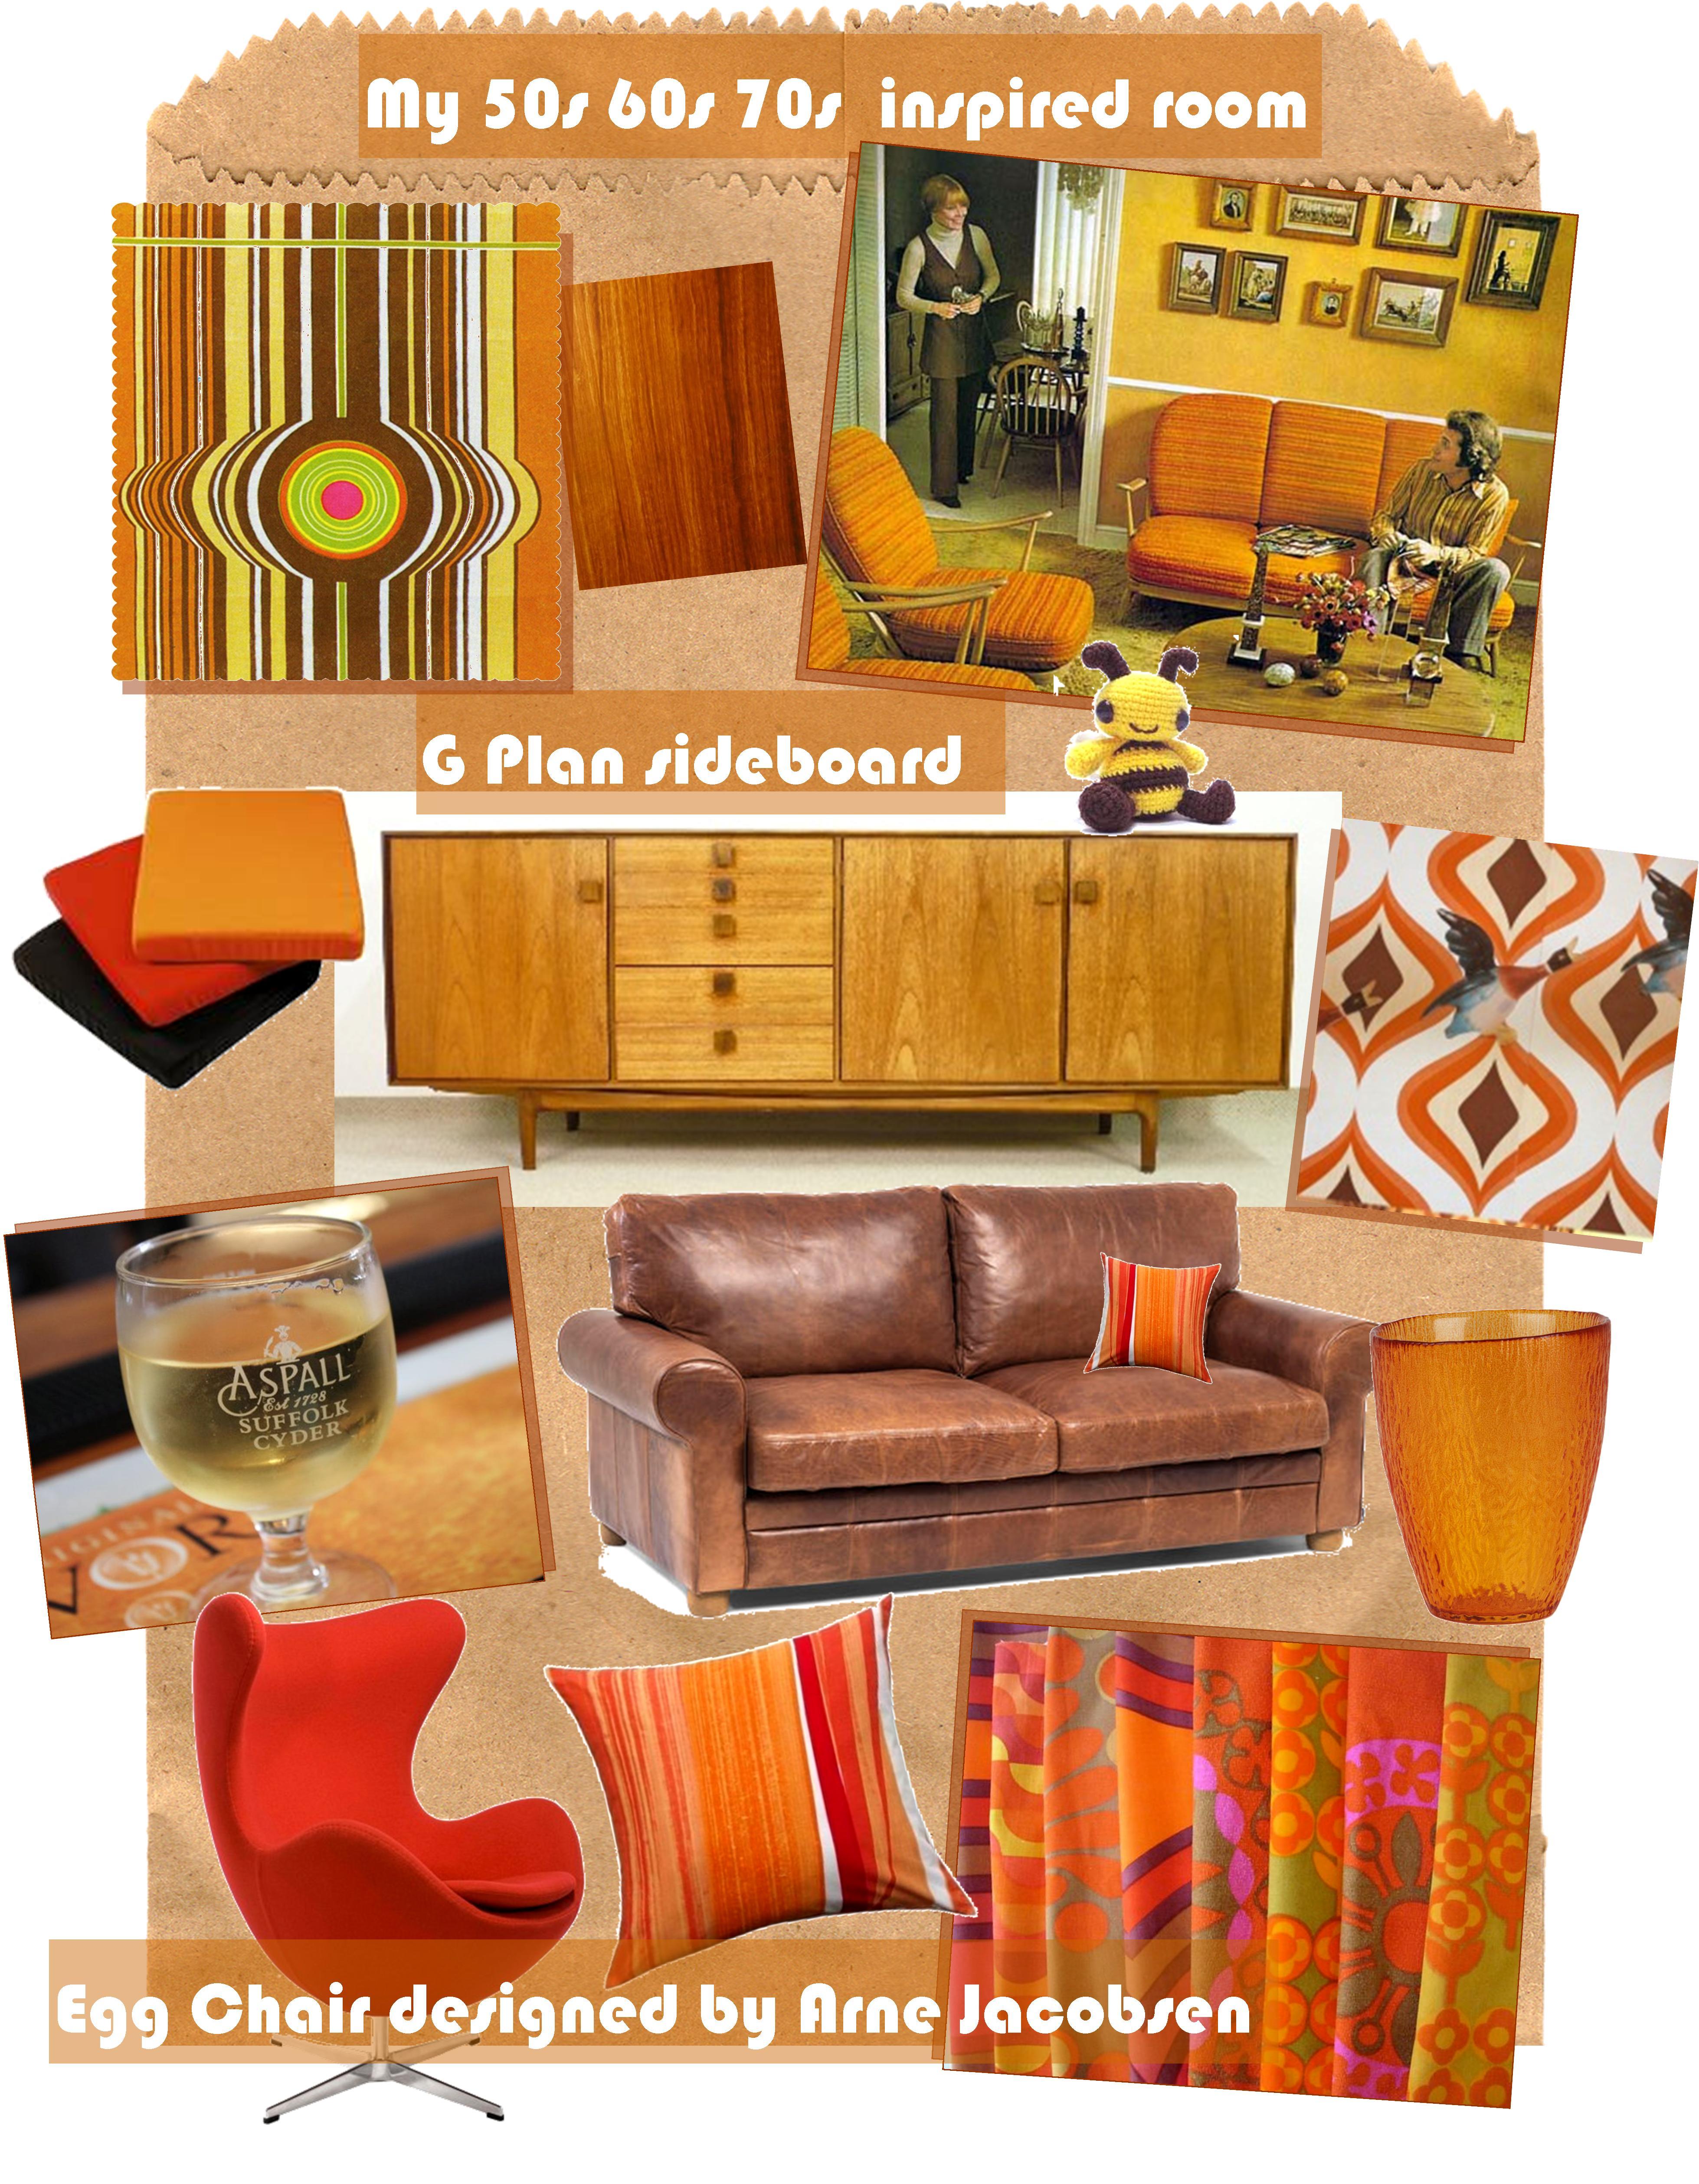 interior design inspirations for my retro living room interior design inspirations for my retro living room